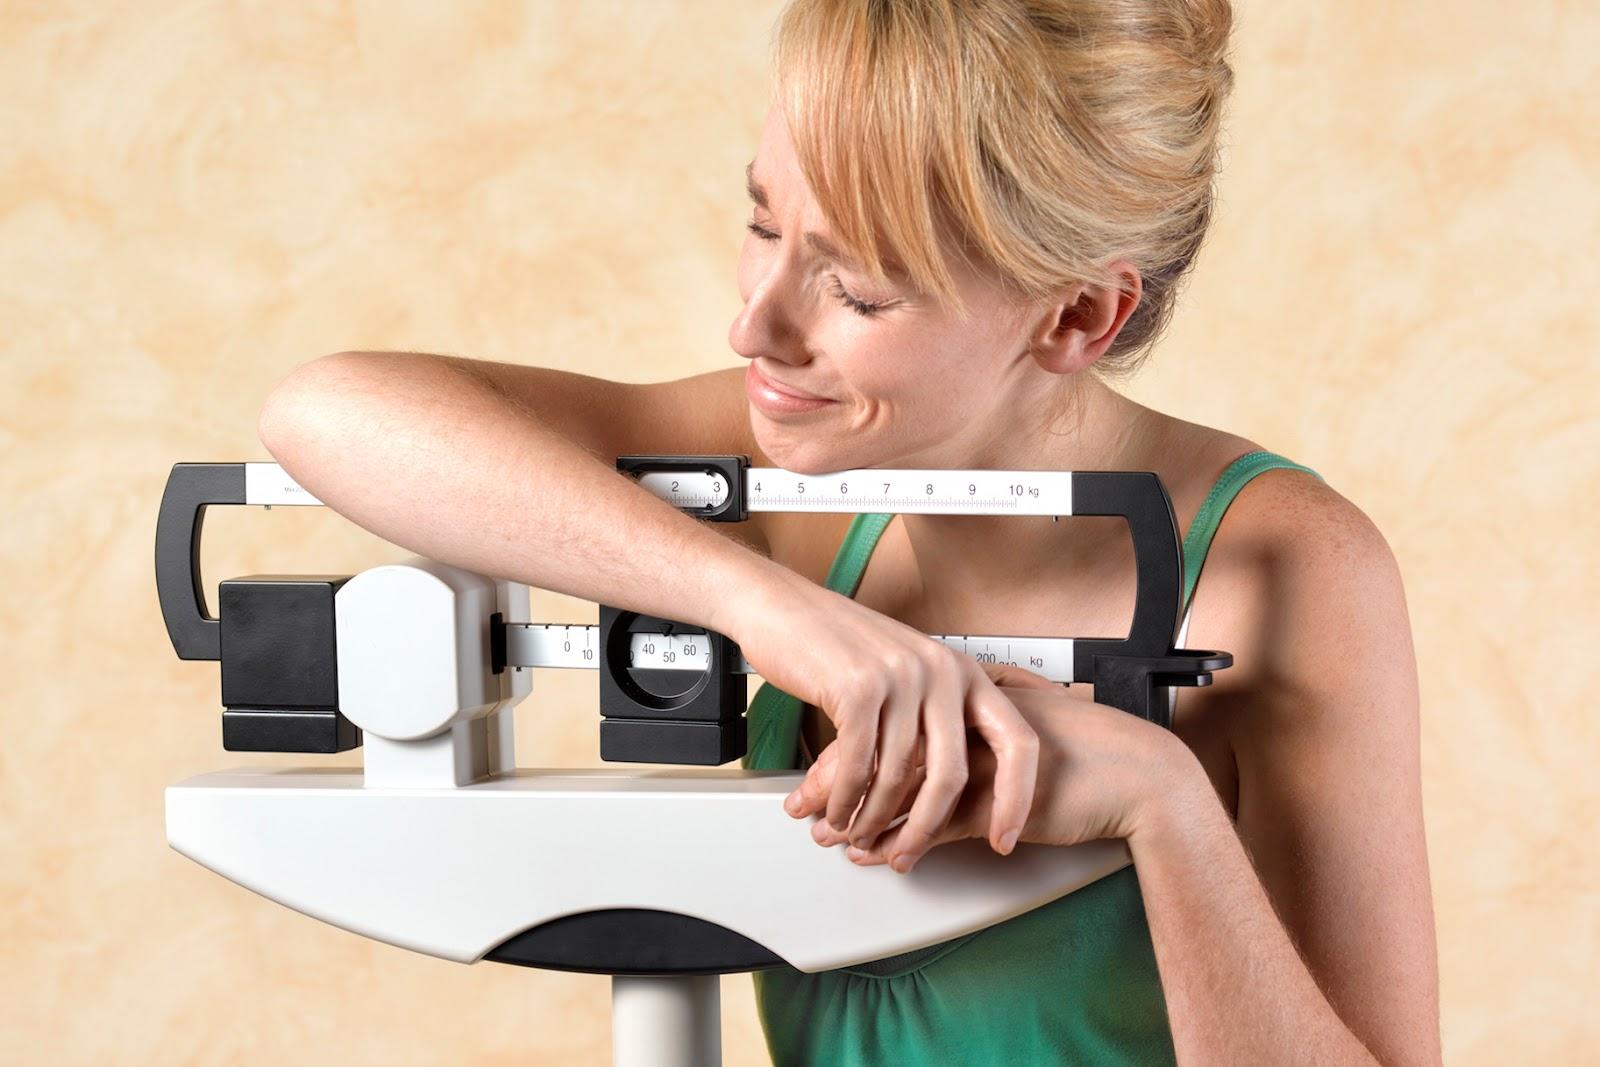 Причины Почему Девушки Не Могут Похудеть. Почему я не хотела худеть. 7 причин, которые мешали снизить вес